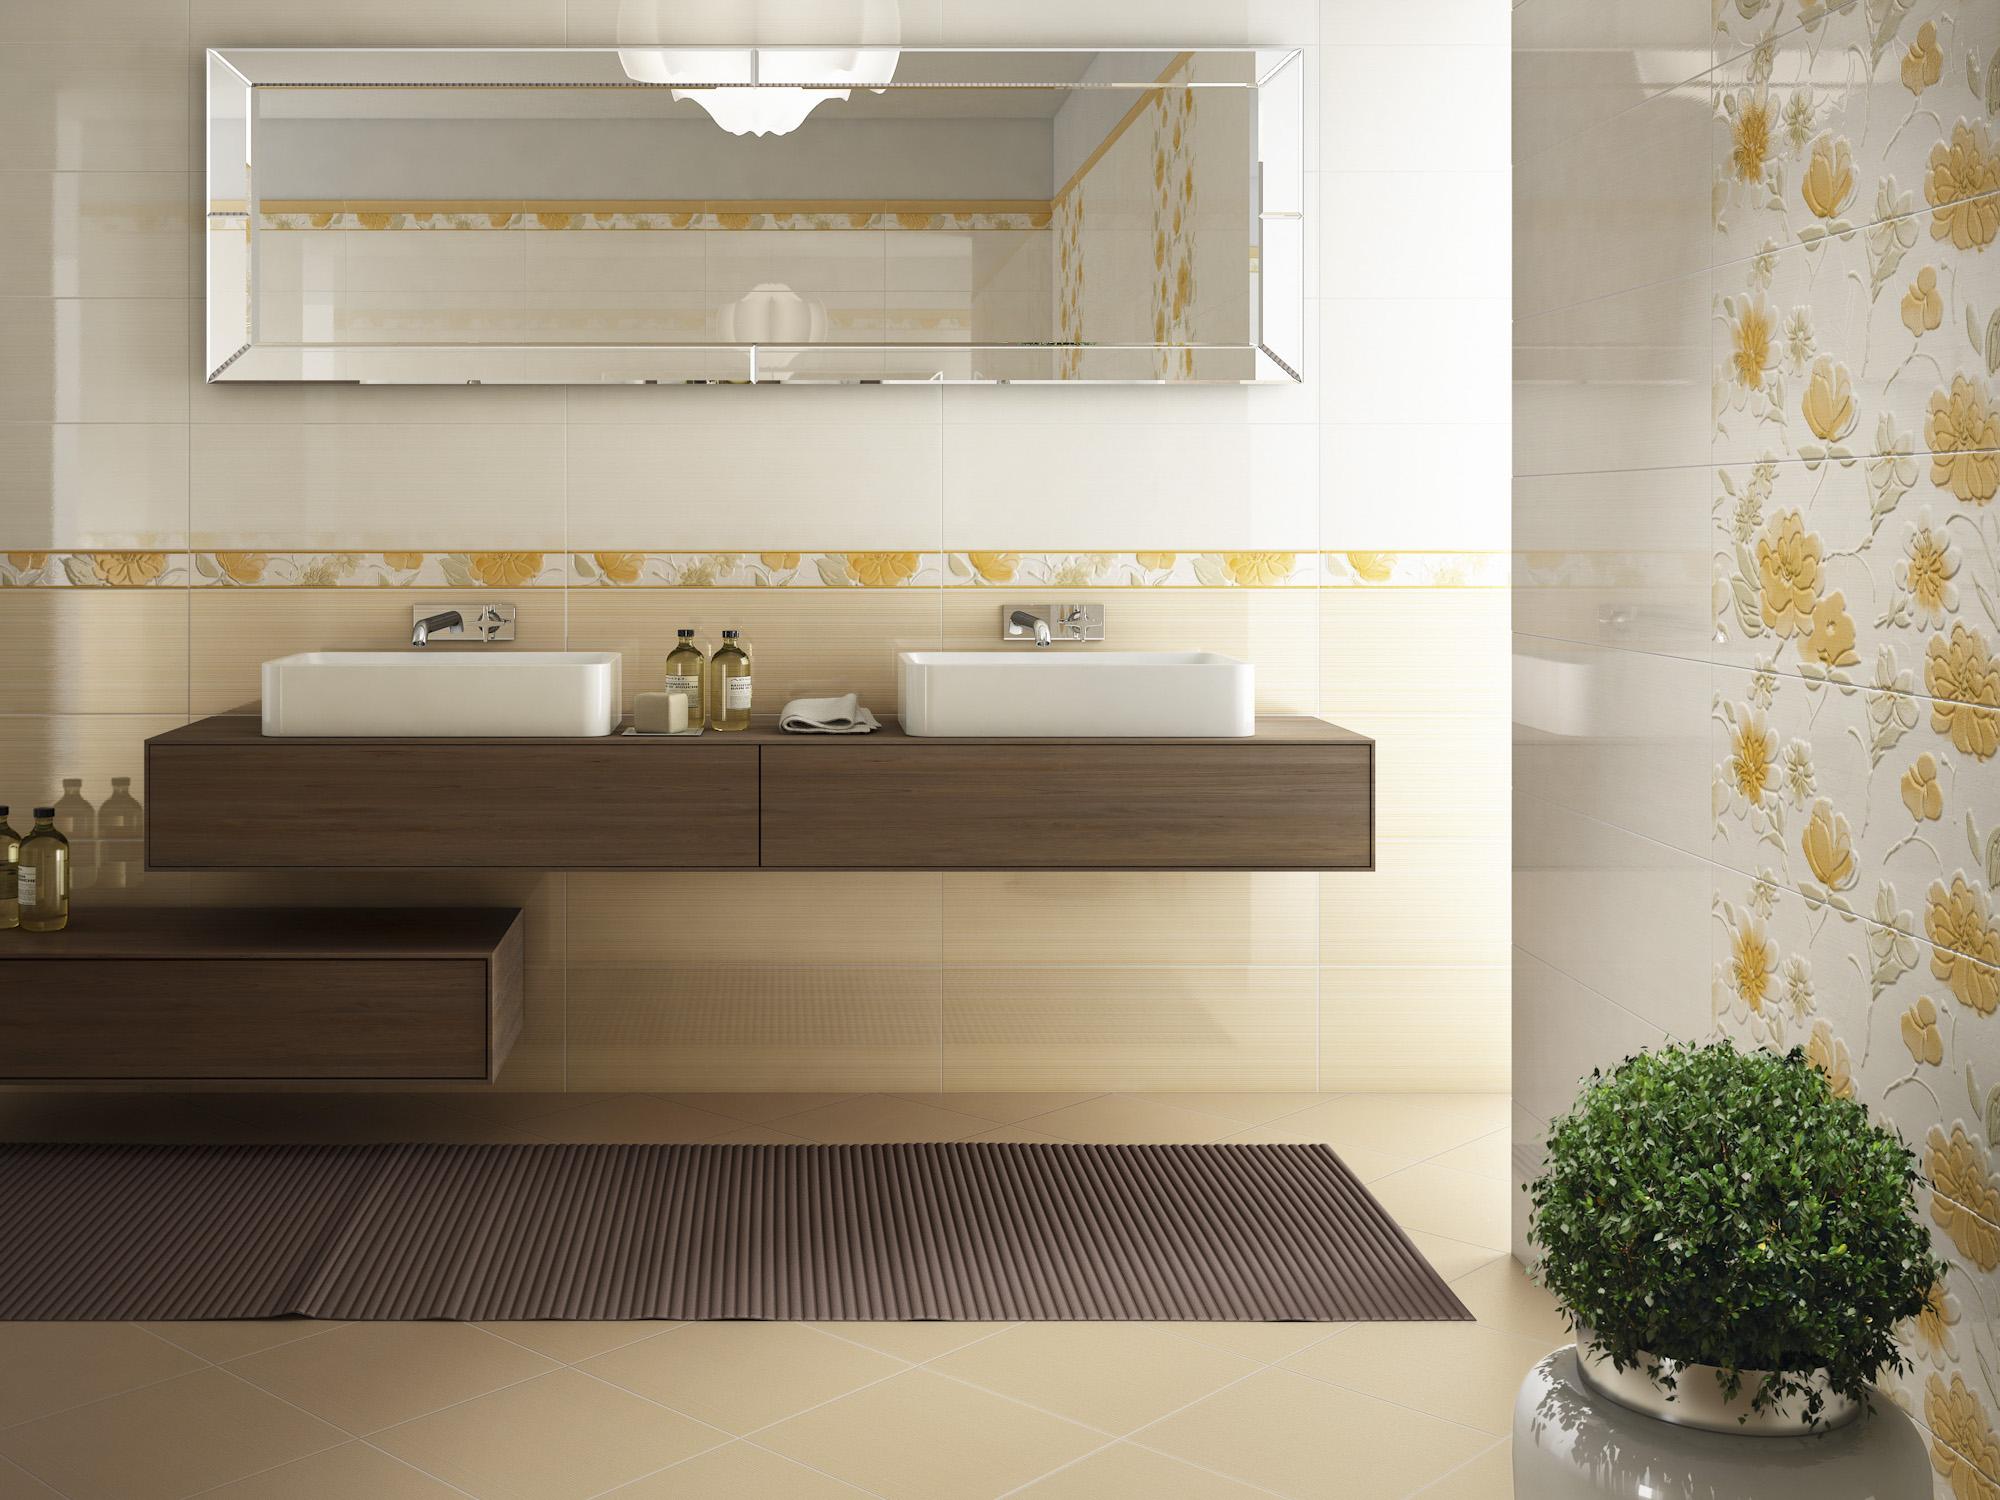 Piastrelle bagno con fiori in rilievo piastrelle per bagno con